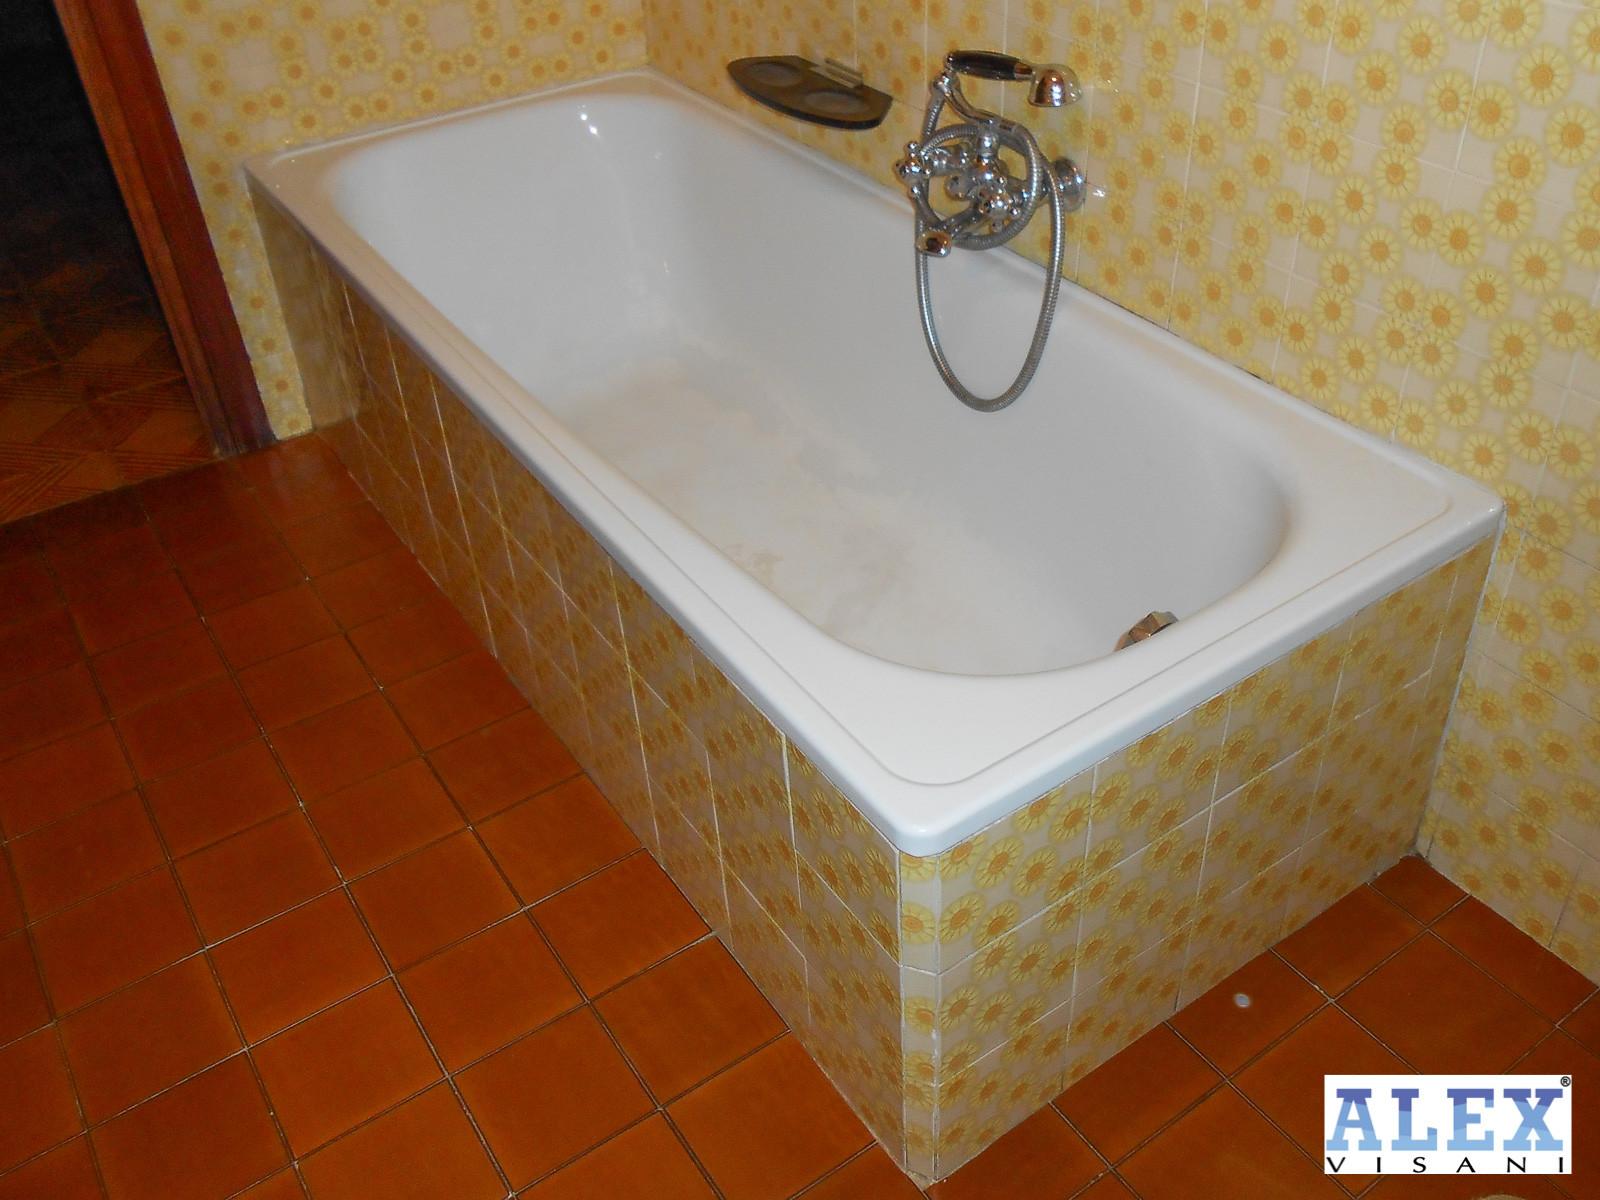 Ricoprire Vasca Da Bagno Prezzi sovrapposizione vasca da bagno realizzata a siena - alex